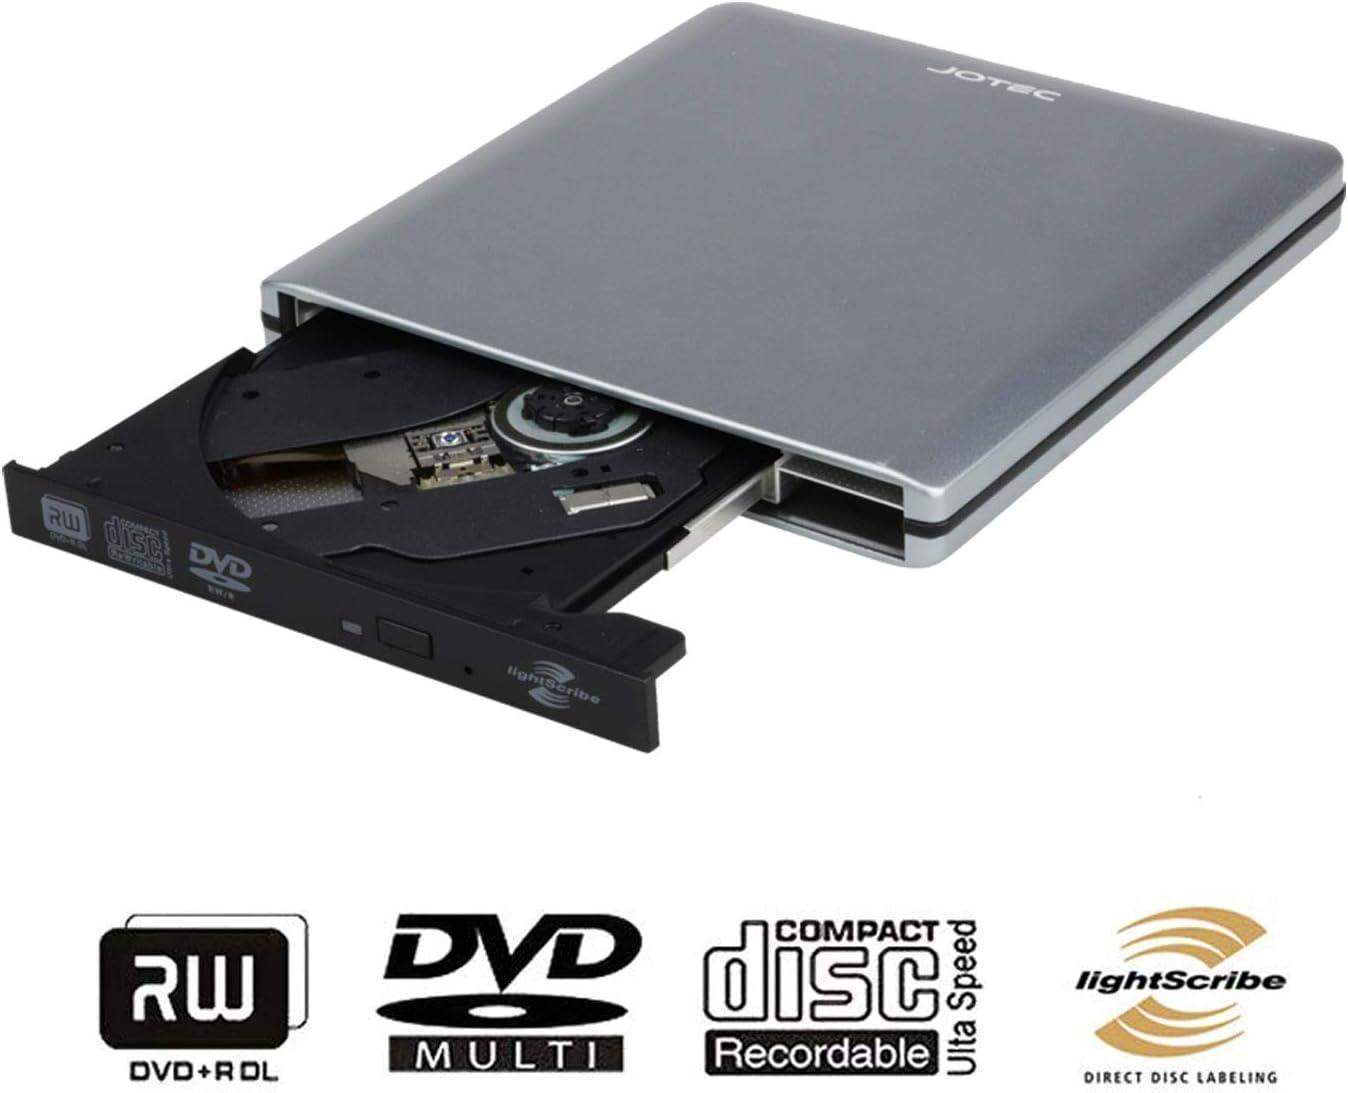 USB 2.0 External CD//DVD Drive for Compaq presario cq61-315ex